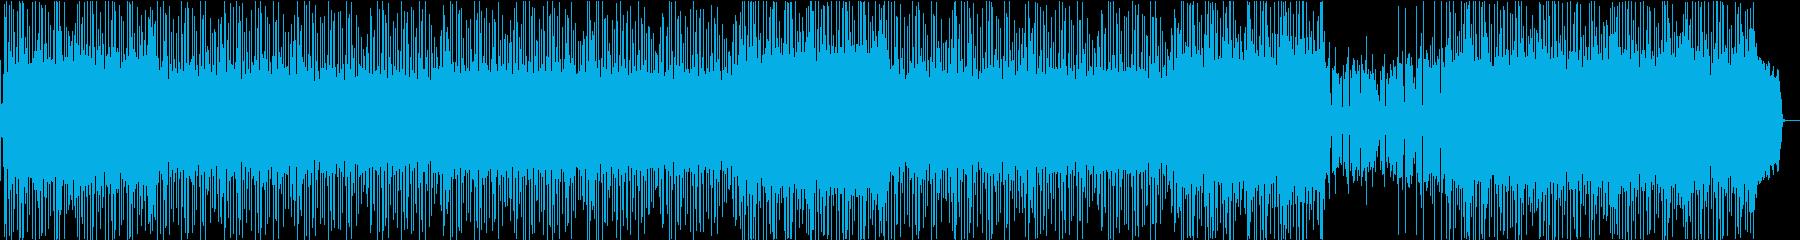 ほのぼの平和な脱力ポップ テーマ曲などにの再生済みの波形